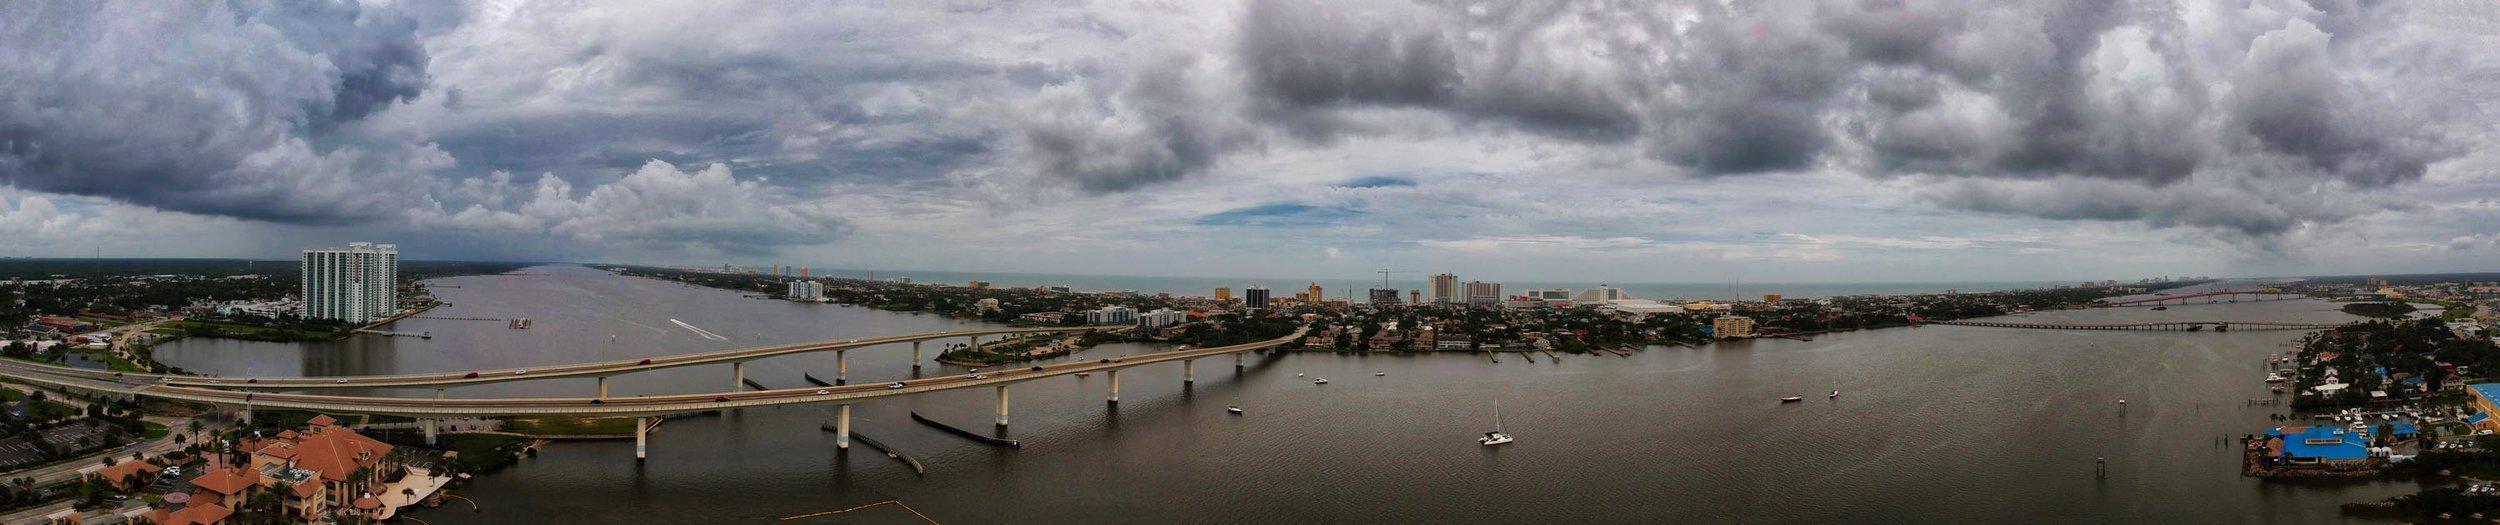 daytona_Panorama1.jpg